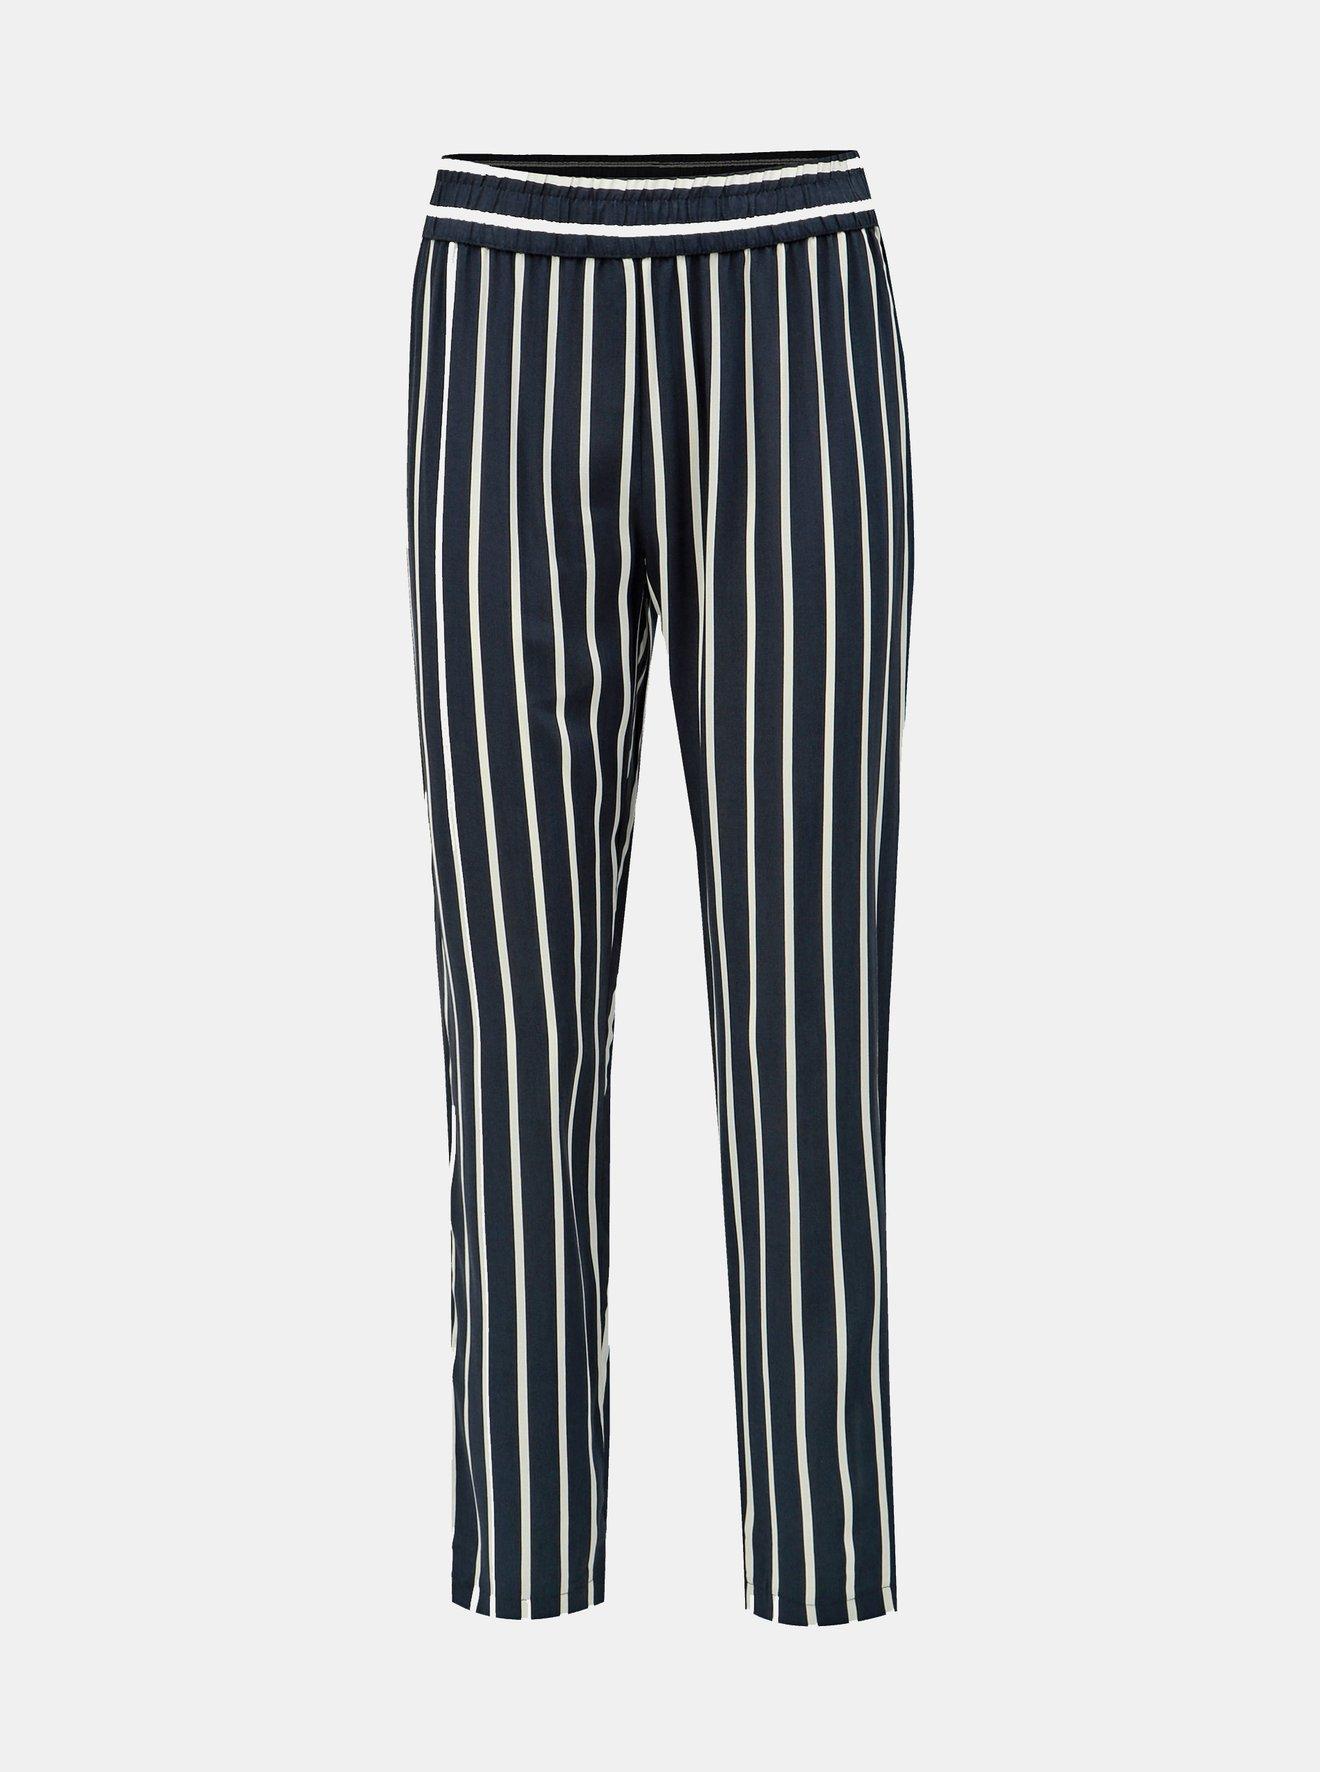 Tmavě modré pruhované kalhoty Jacqueline de Yong Star